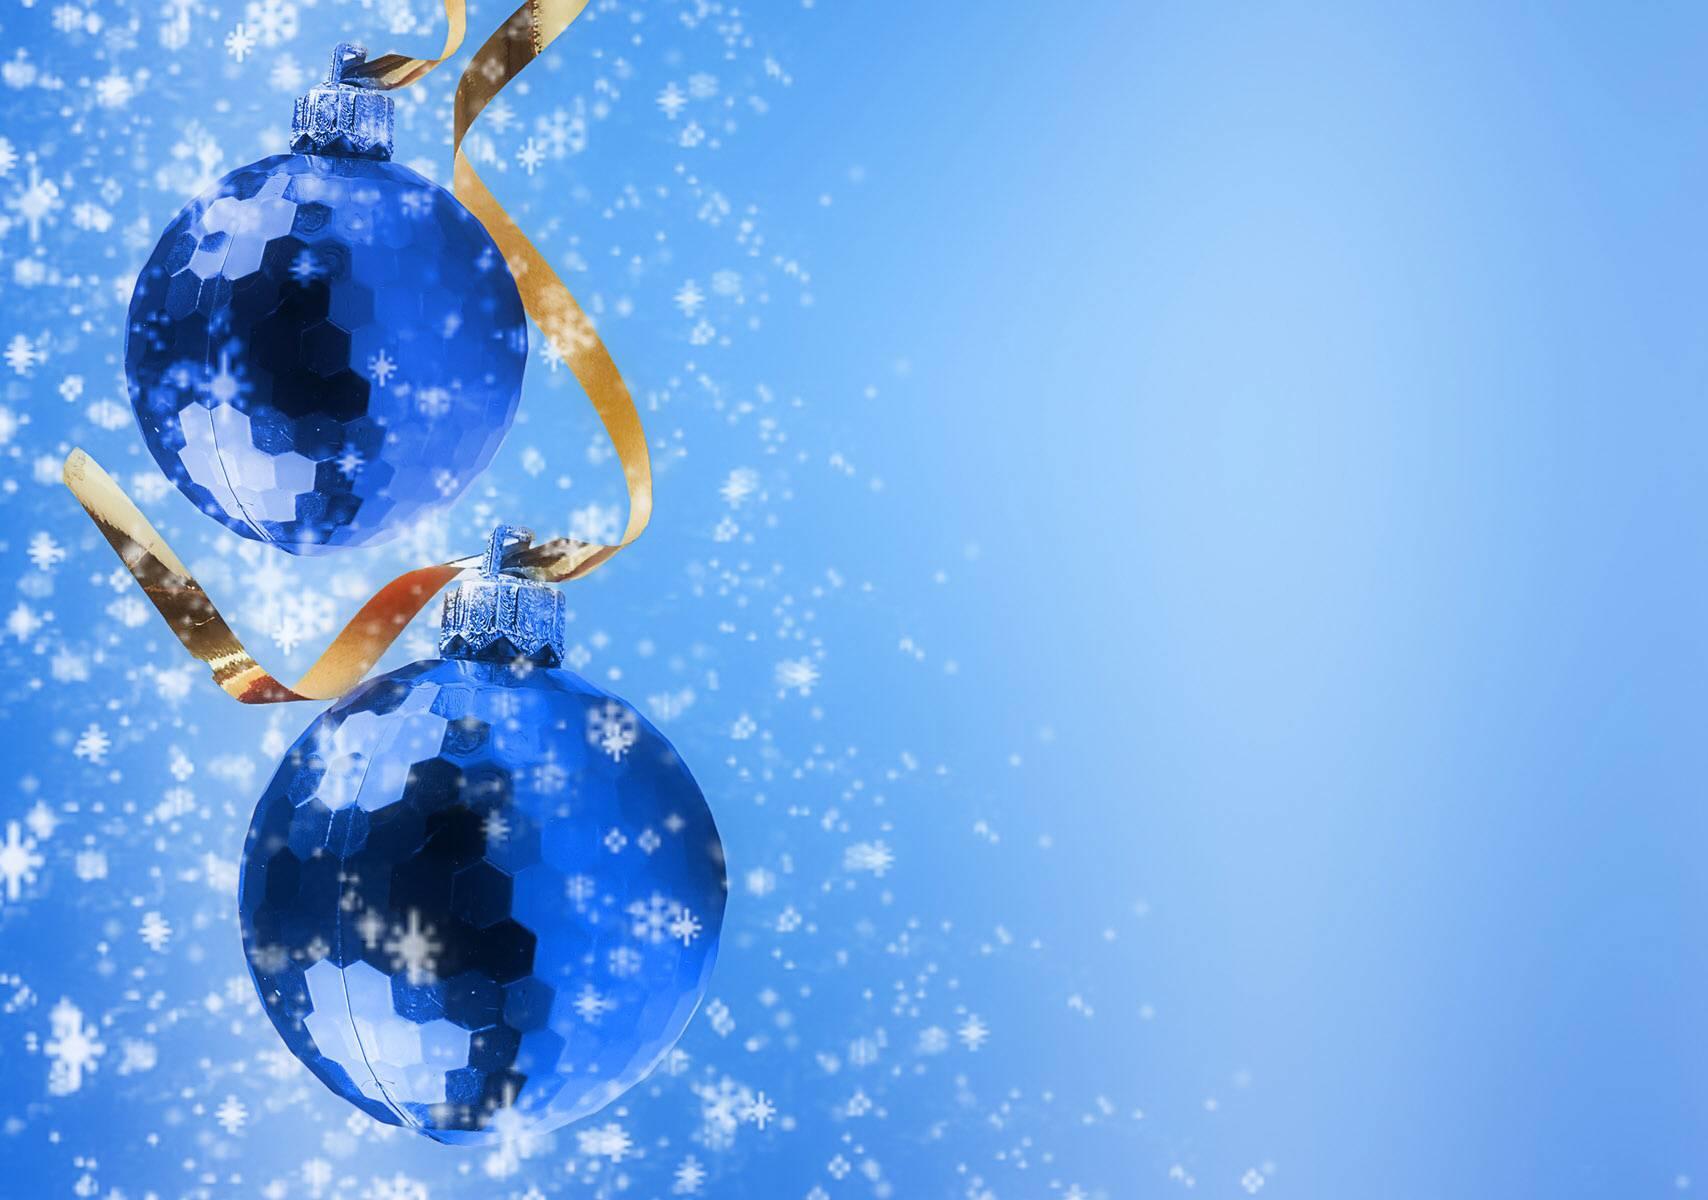 Графік роботи МП «ПРОКК» на новорічні свята